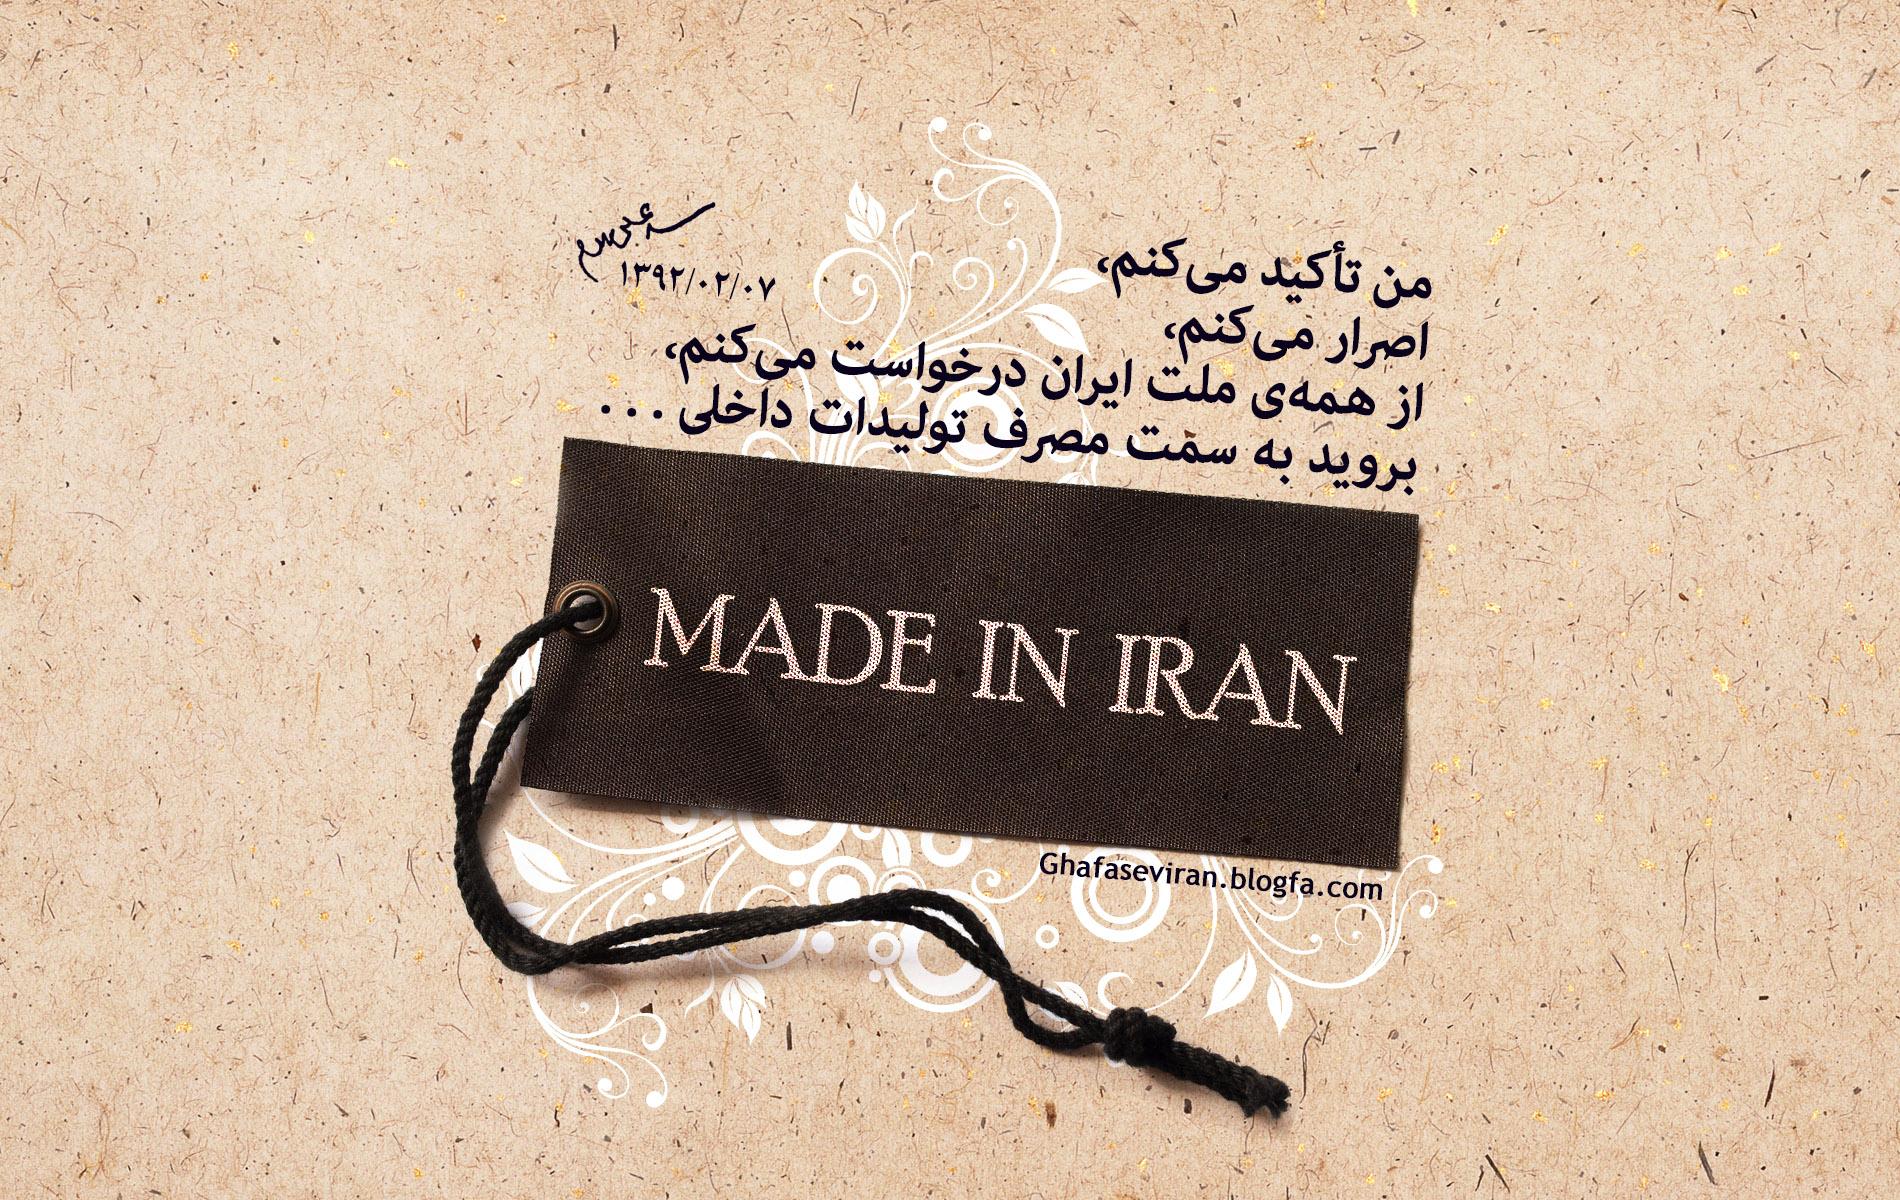 اسم خود را گذاشته ایم حزب اللهی!